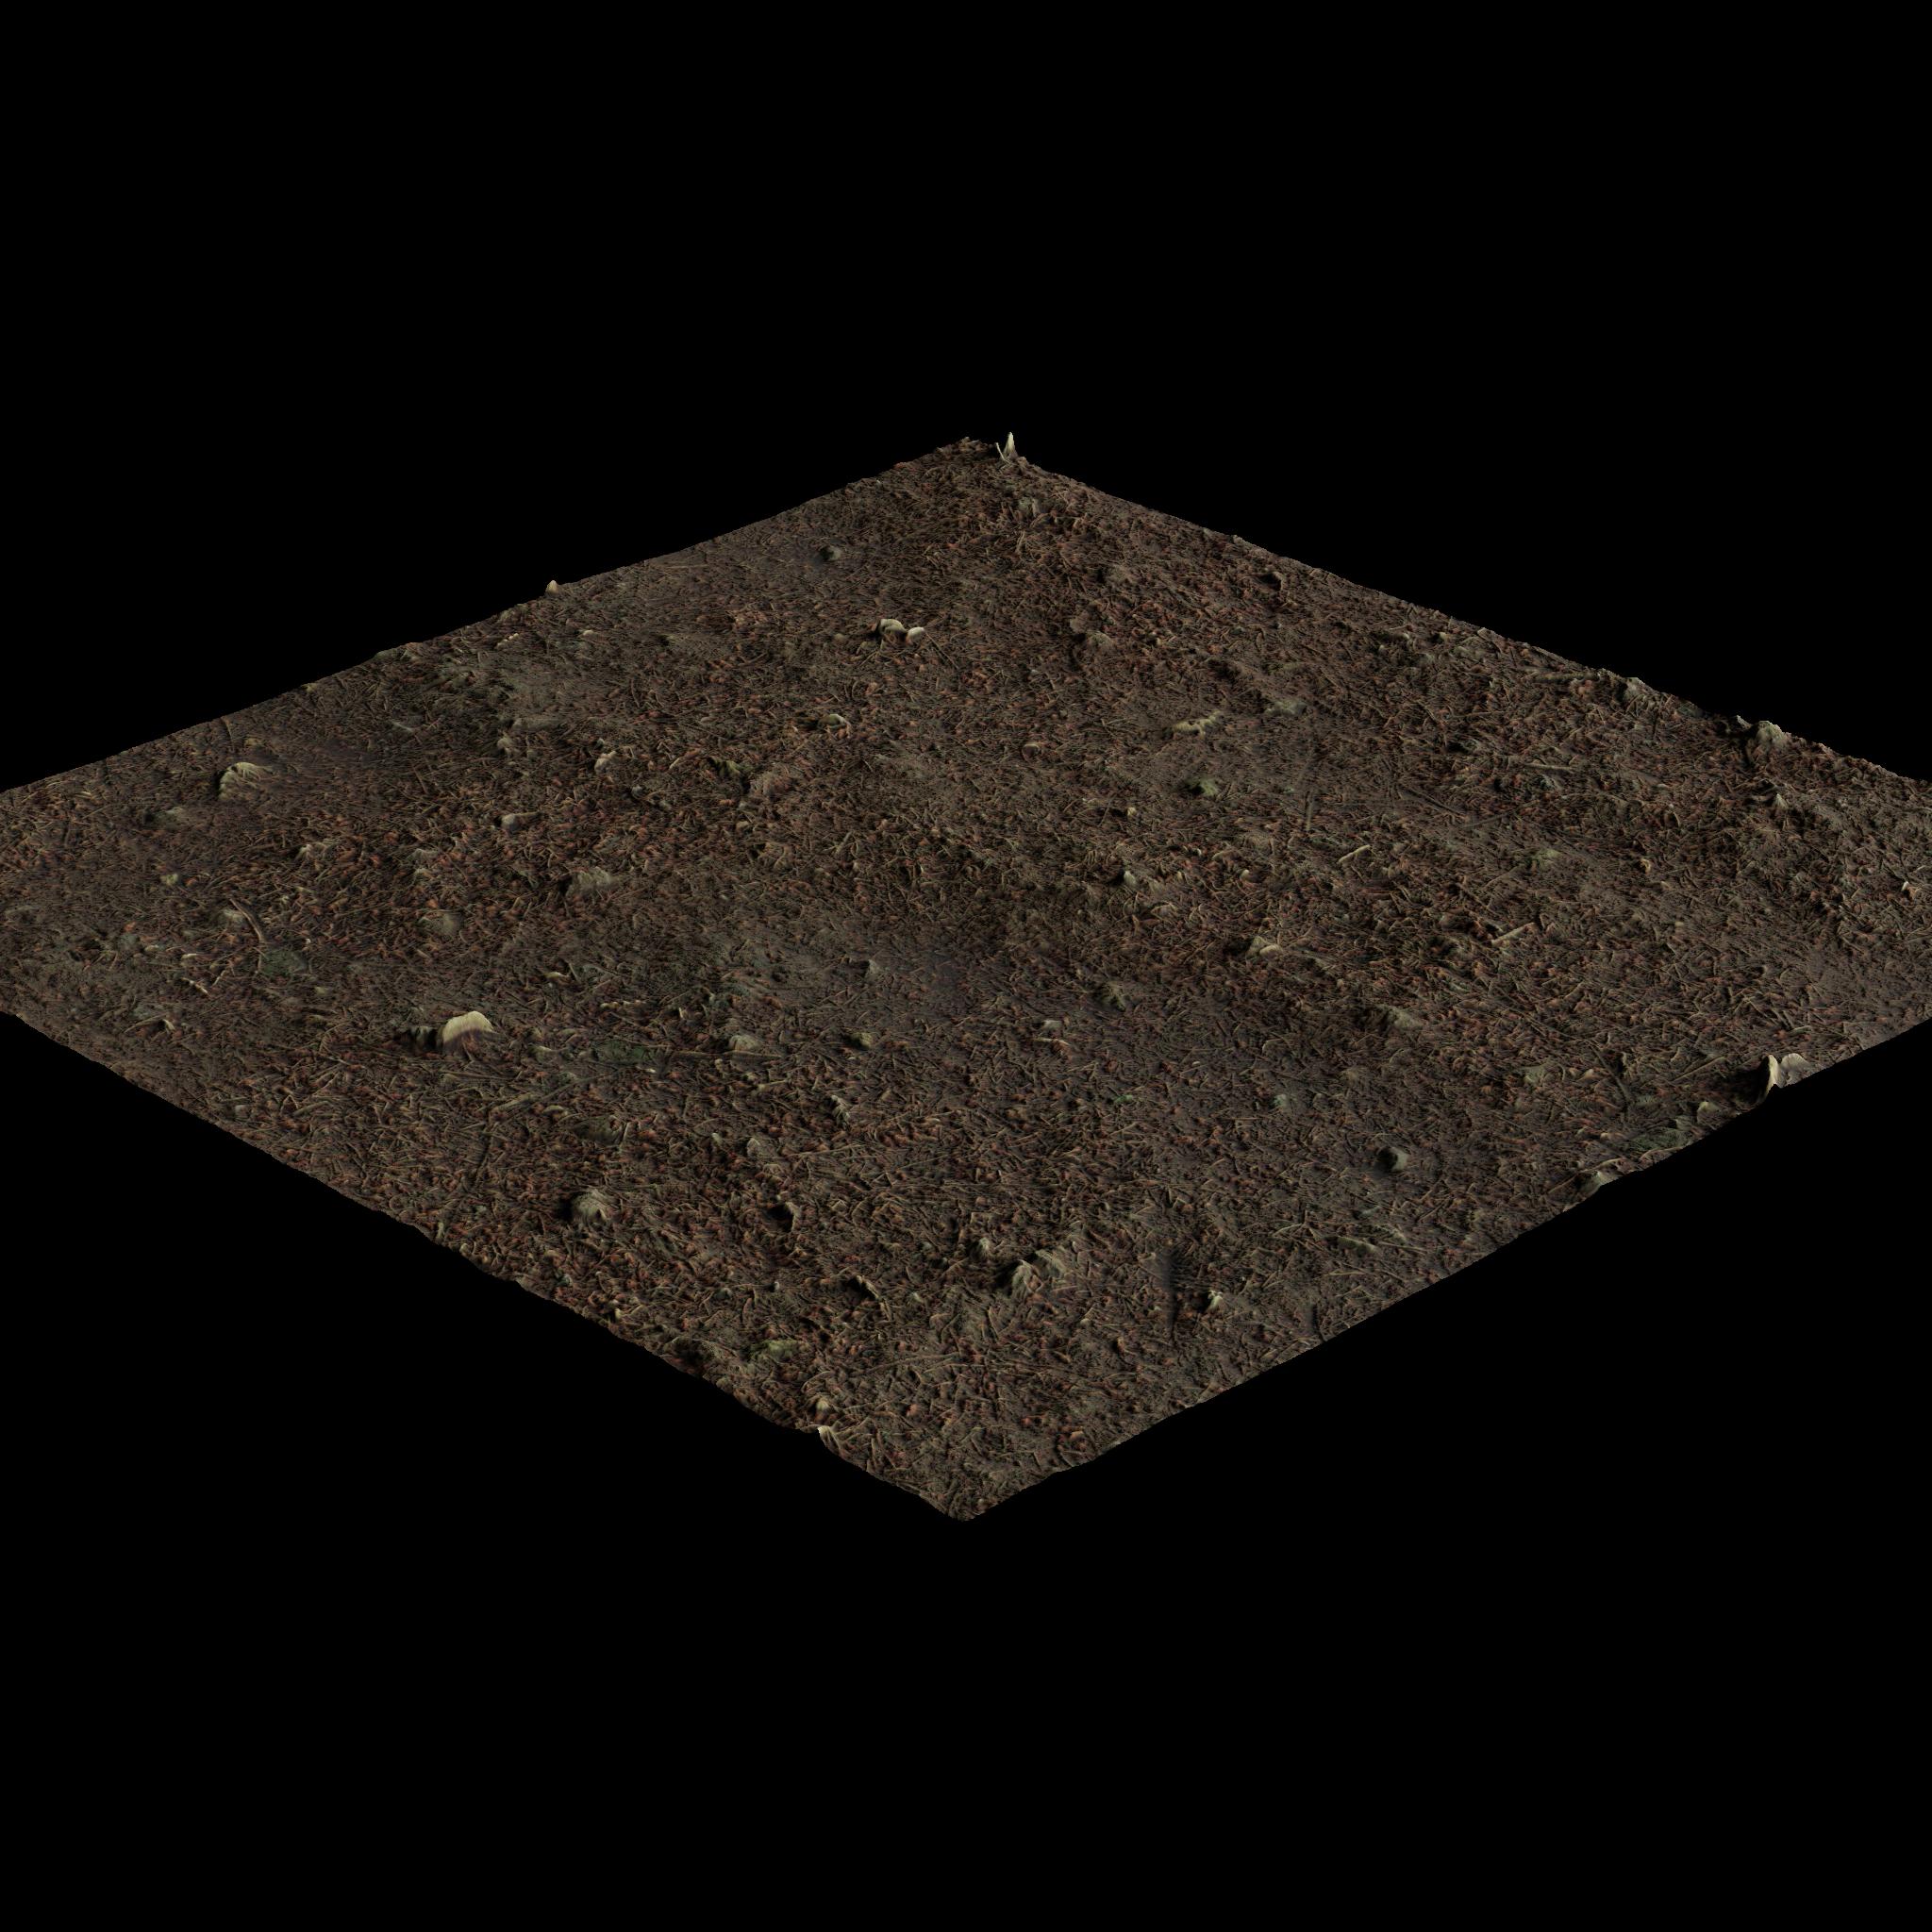 3D Material: Dirt Material 1 HD Render 2